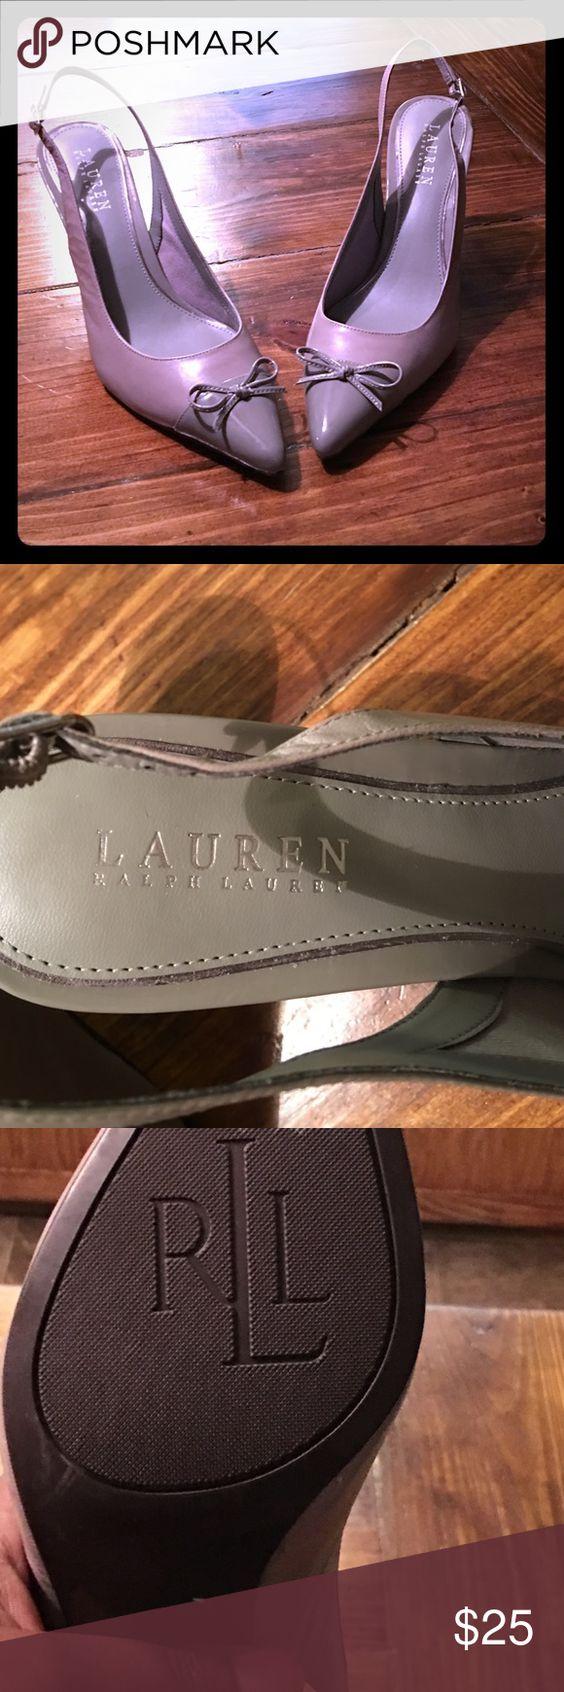 Ralph Lauren pumps Great condition and very classy Ralph Lauren heelless pumps. Color is a beautiful cool grey. 3 inch heel Lauren Ralph Lauren Shoes Heels